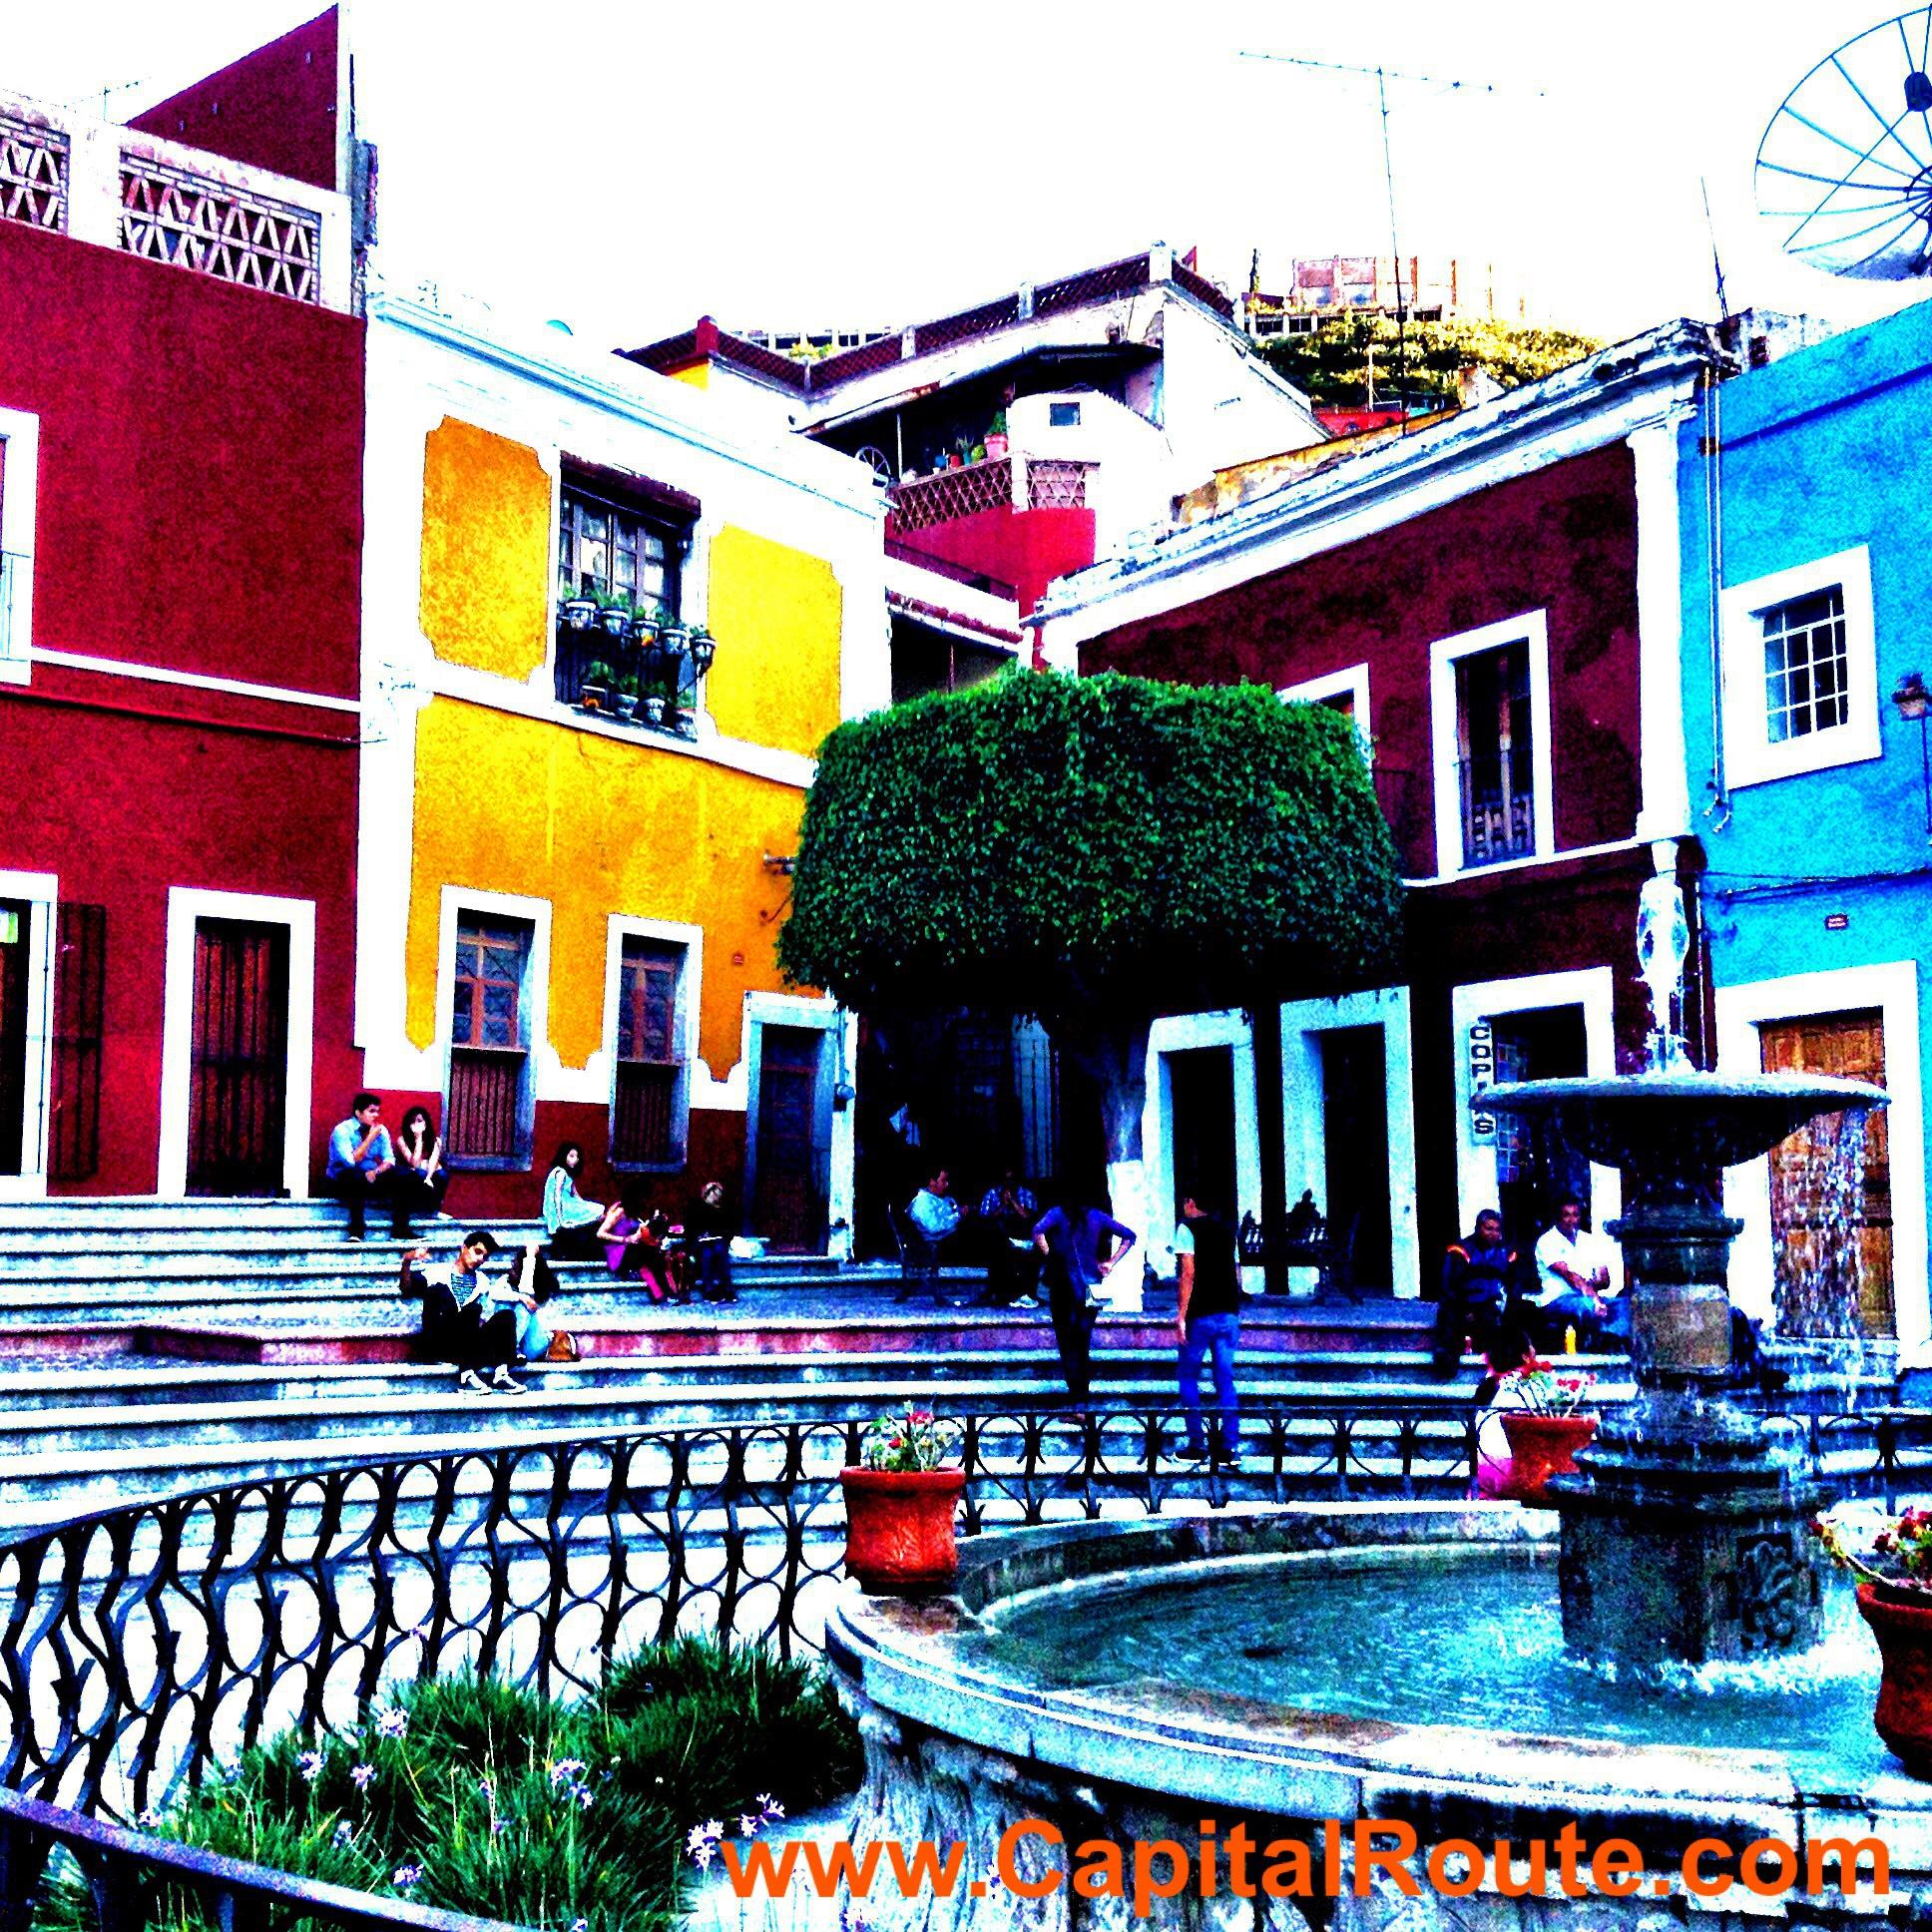 Plazuela de los Angeles Guanajuato Gto. Mex. www.capitalroute.com